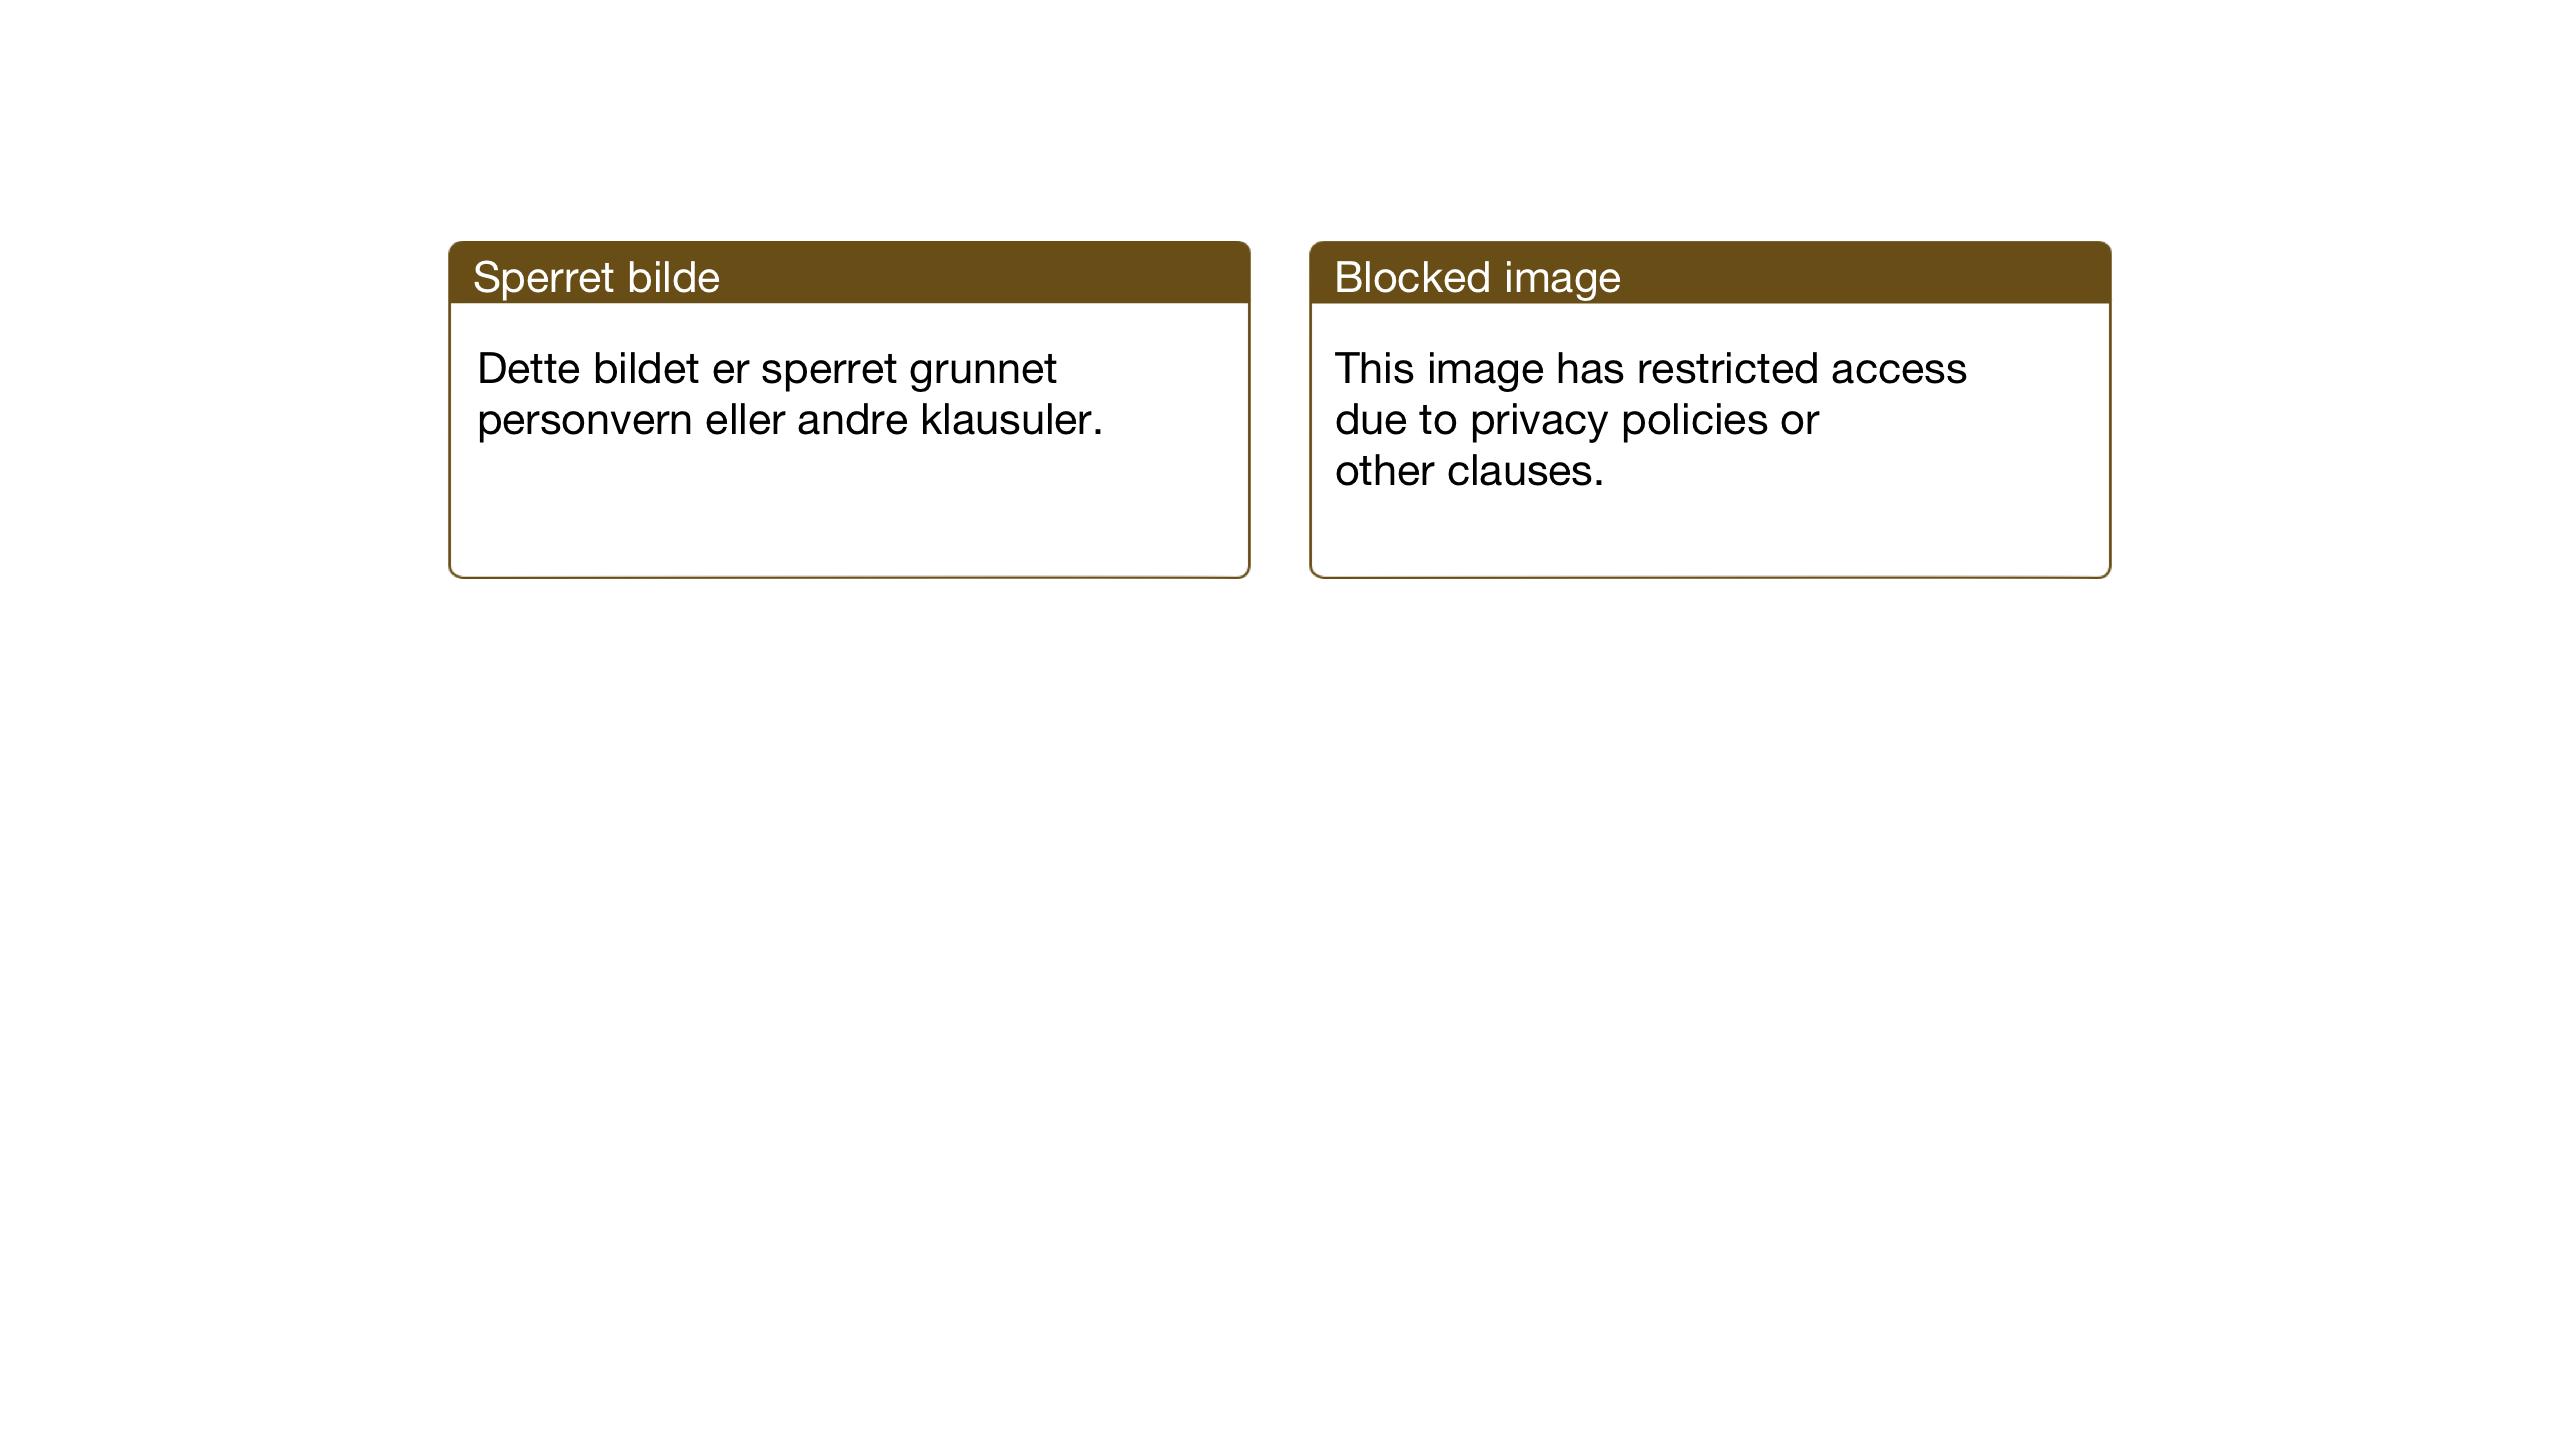 SAT, Ministerialprotokoller, klokkerbøker og fødselsregistre - Sør-Trøndelag, 640/L0590: Klokkerbok nr. 640C07, 1935-1948, s. 47